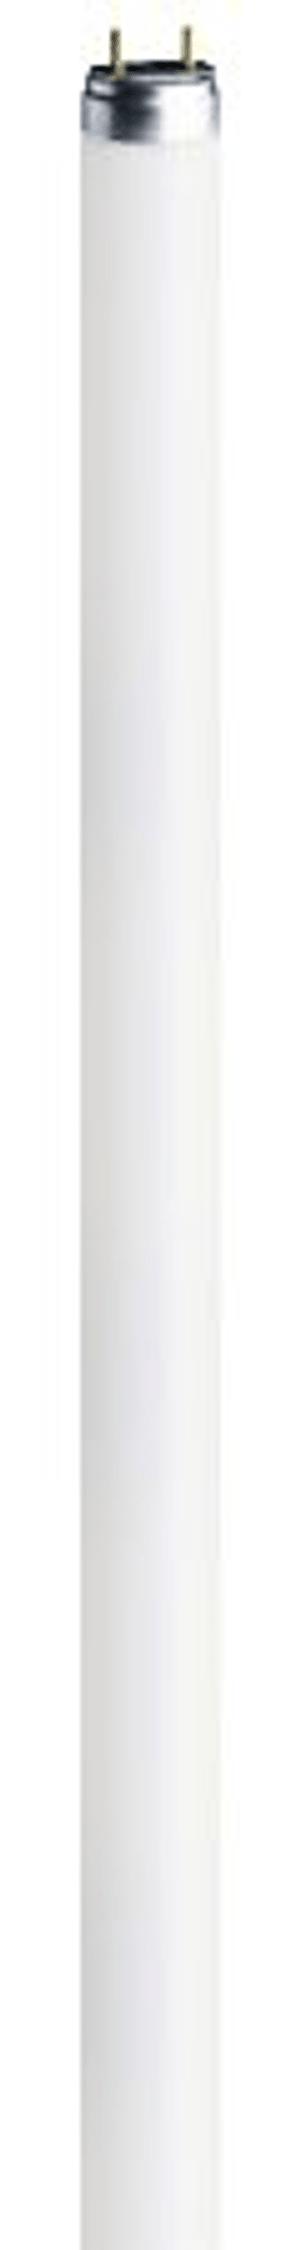 Röhre FL G5 28W 840